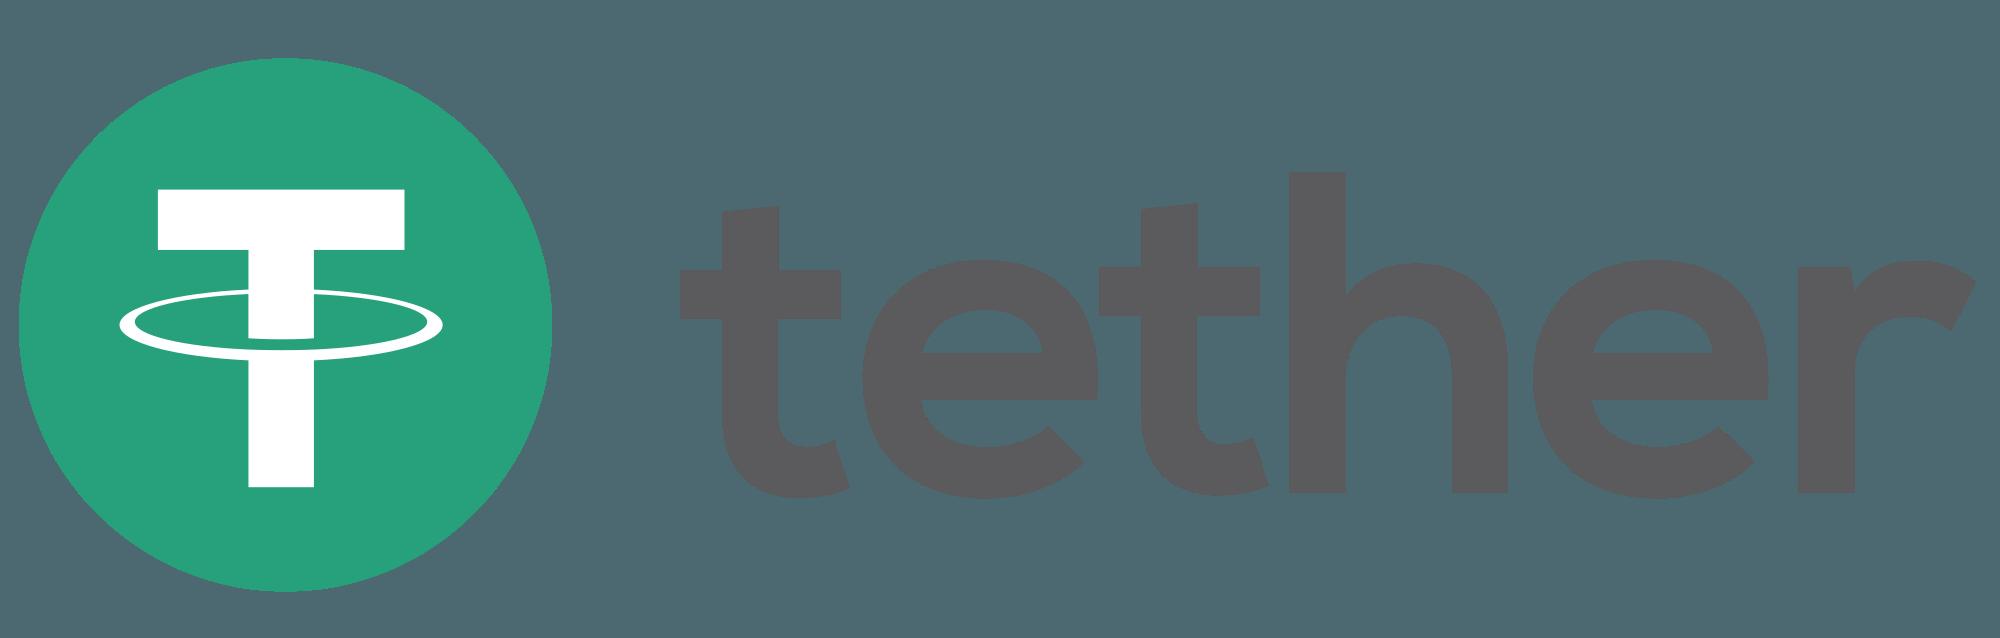 Kryptowaluta Tether pełni rolę bezpiecznej przystani w momencie, gdy wartość rynku kryptowalut znajduje się w bessie. Mimo, że nie stoi za nią żadna wartość, inwestorzy kupili miliardy USDT i wydają się spać spokojnie. Czy mają rację?